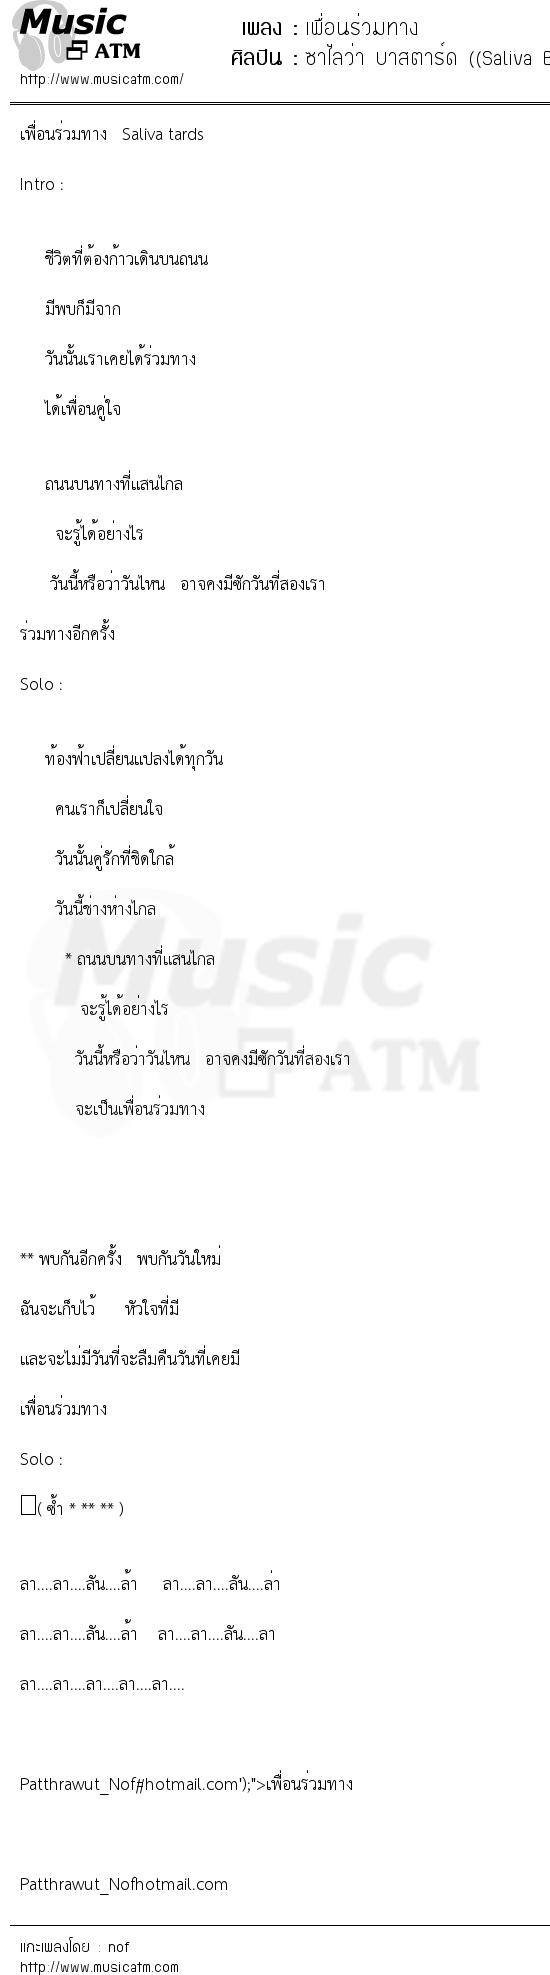 เนื้อเพลง เพื่อนร่วมทาง - ซาไลว่า บาสตาร์ด ((Saliva Bastards)) | เพลงไทย